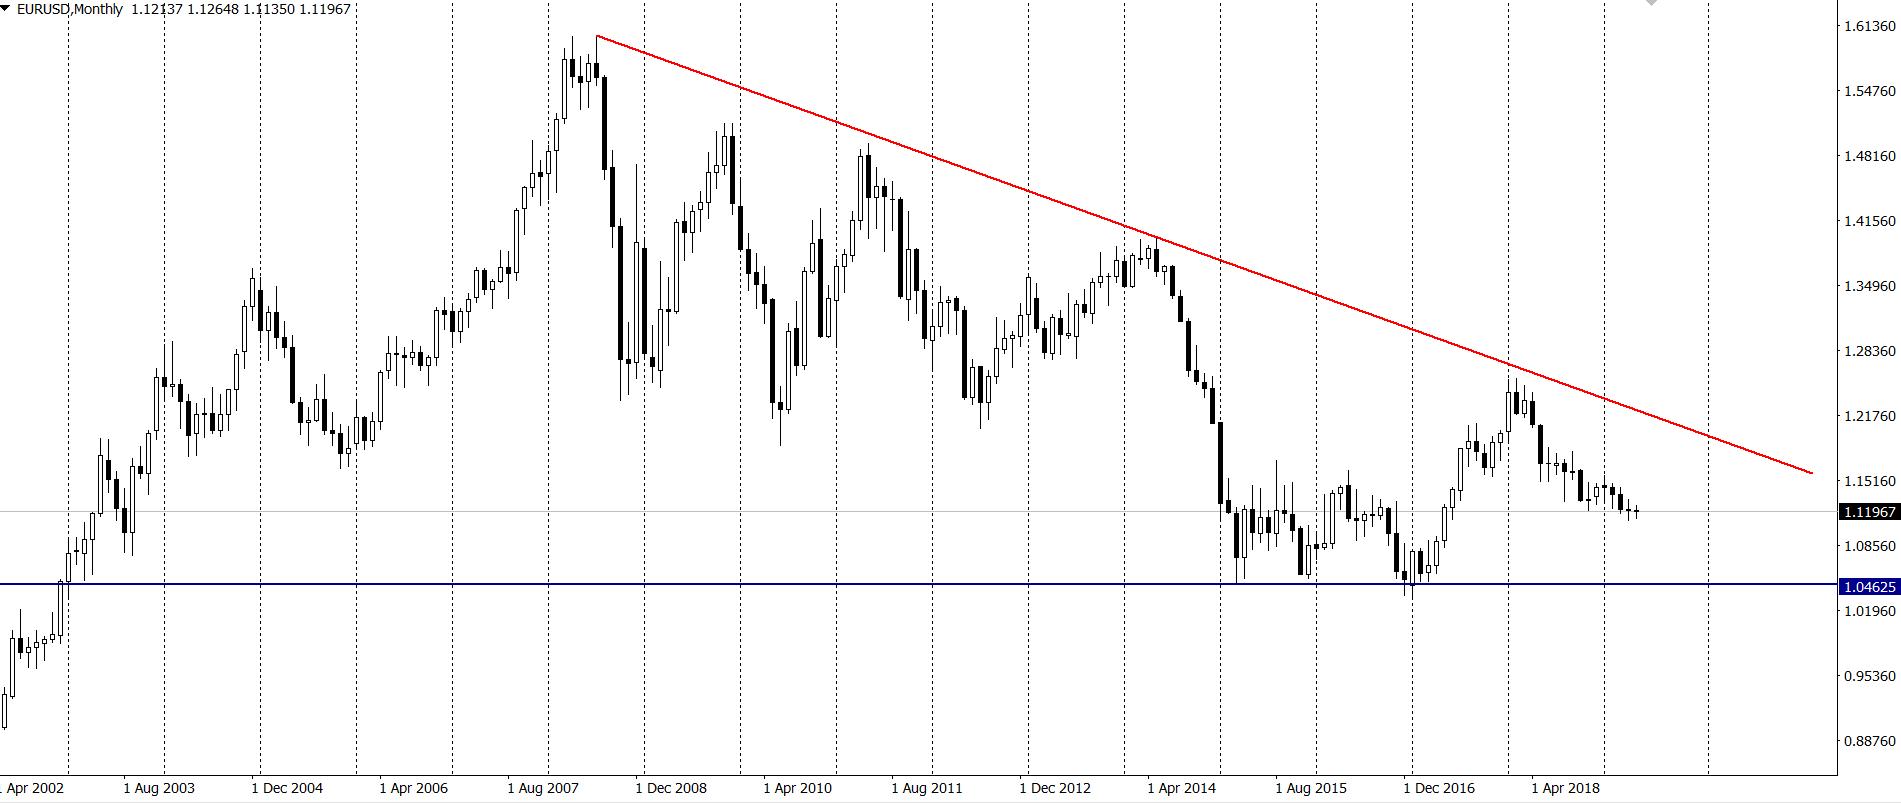 JPMorgan ostrzega przed eksplozją notowań dolara